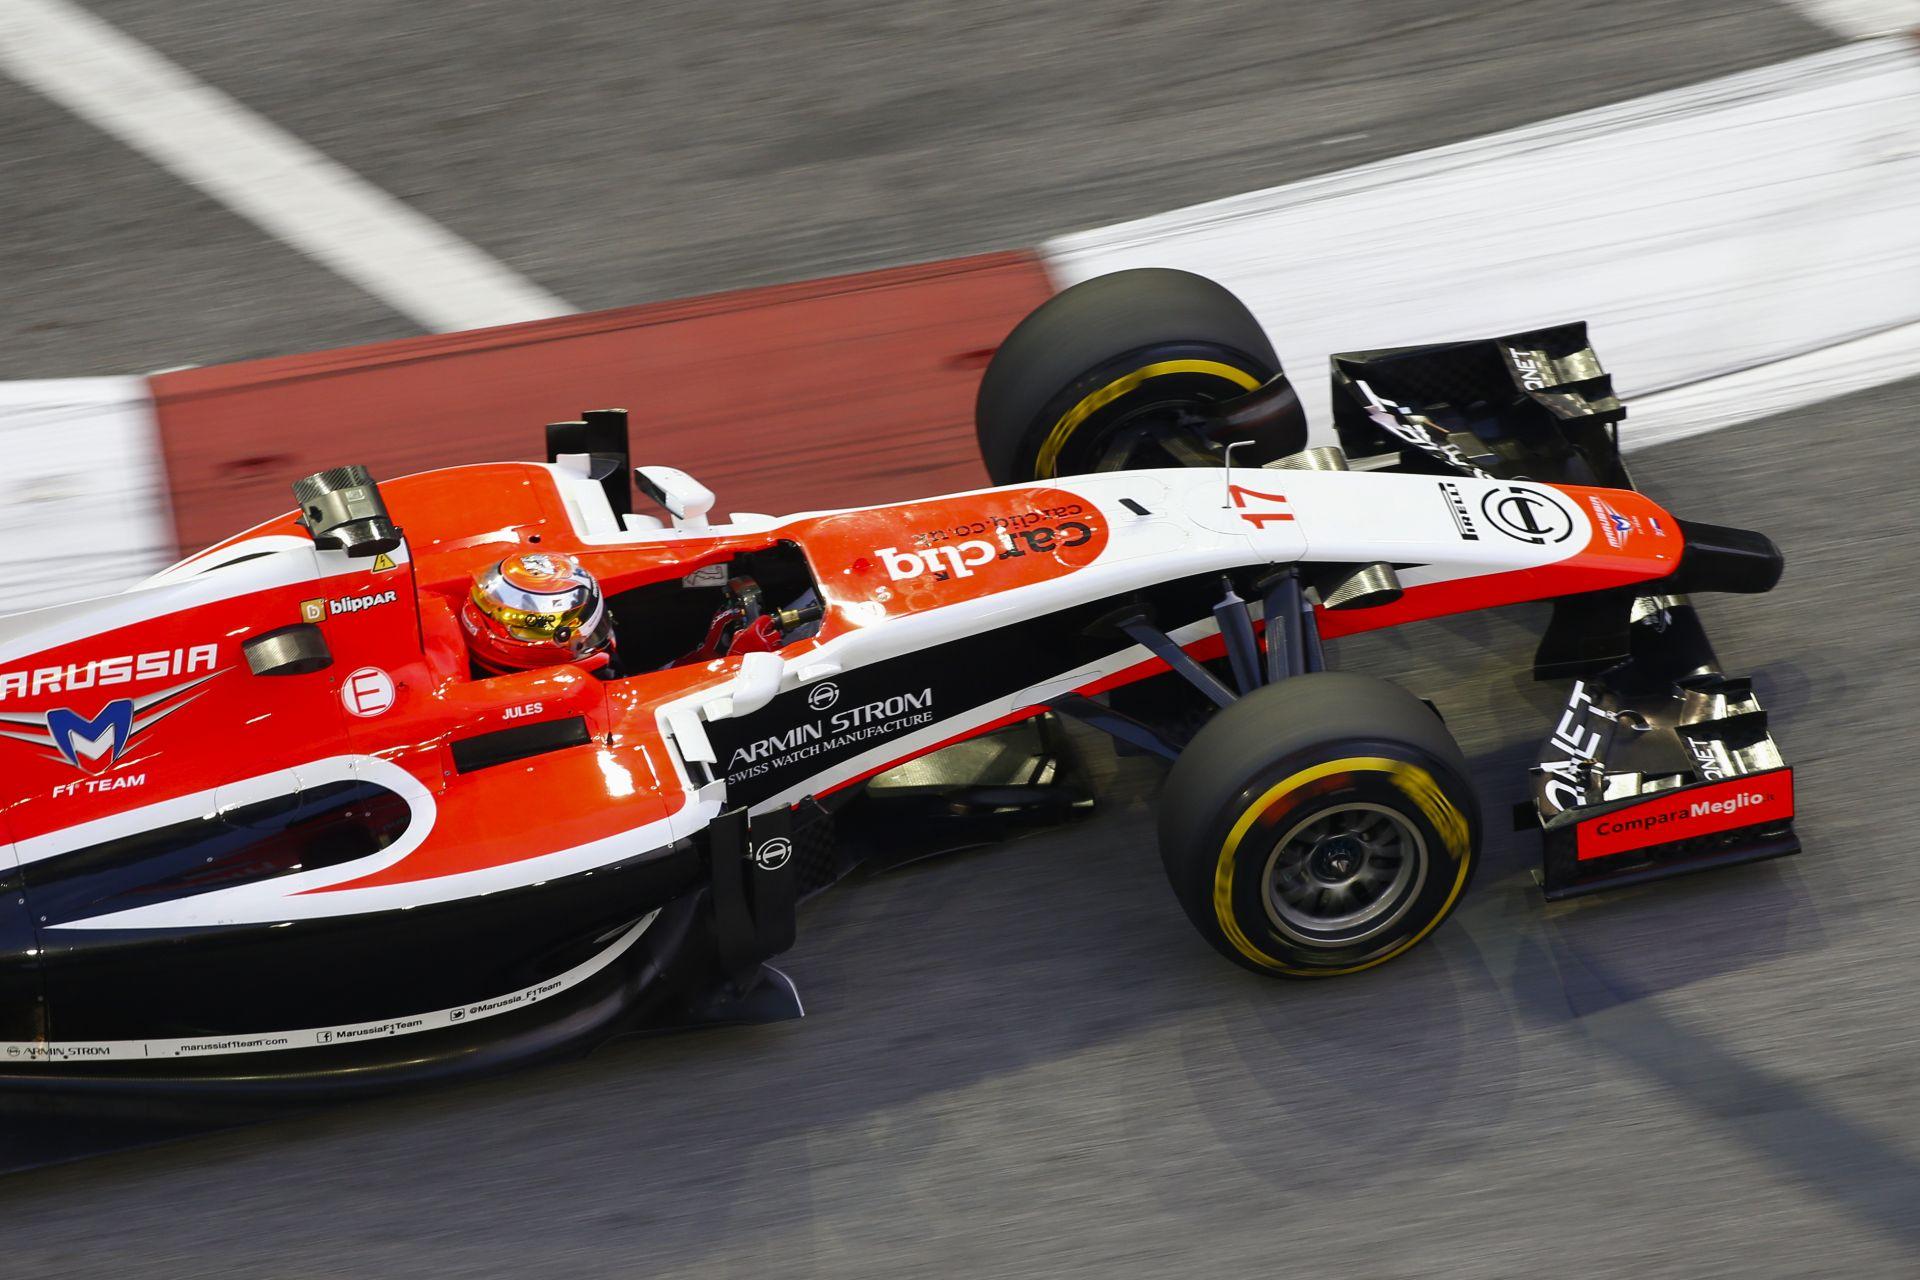 Ecclestone a tragikus baleset ellenére is biztonságosnak tartja a Forma-1-et